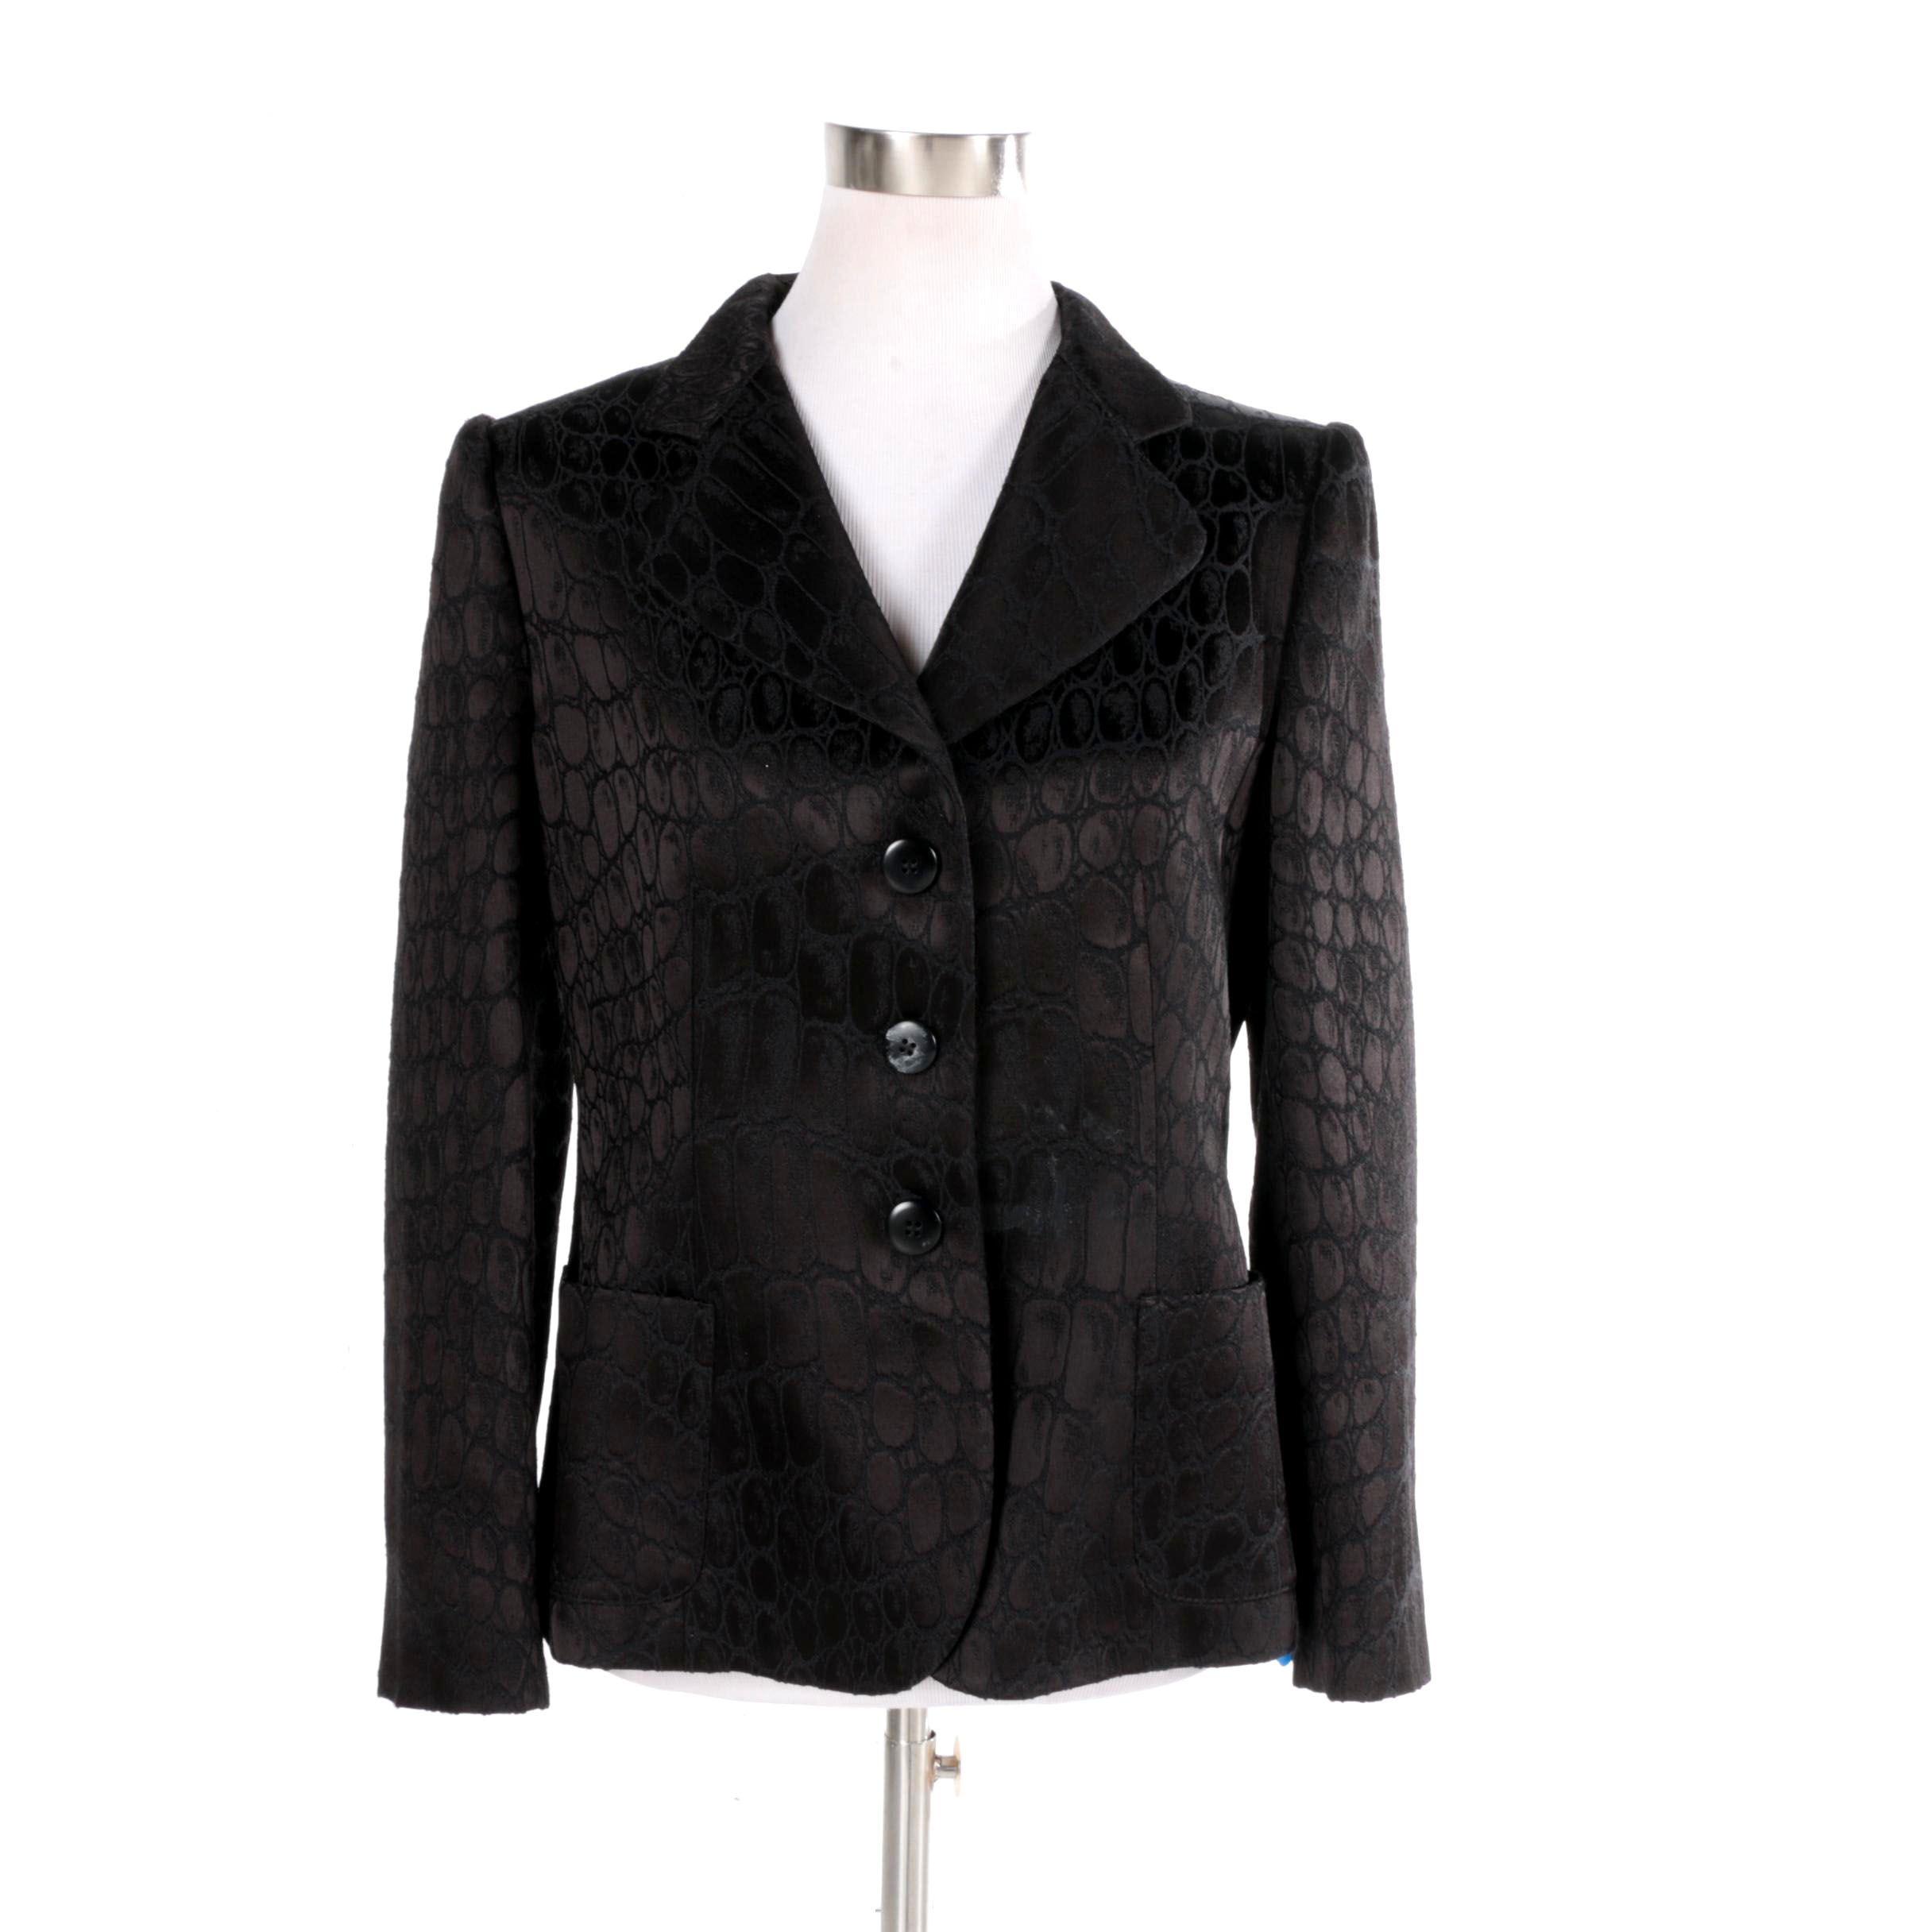 Women's Armani Collezioni Black Wool Blend Suit Jacket